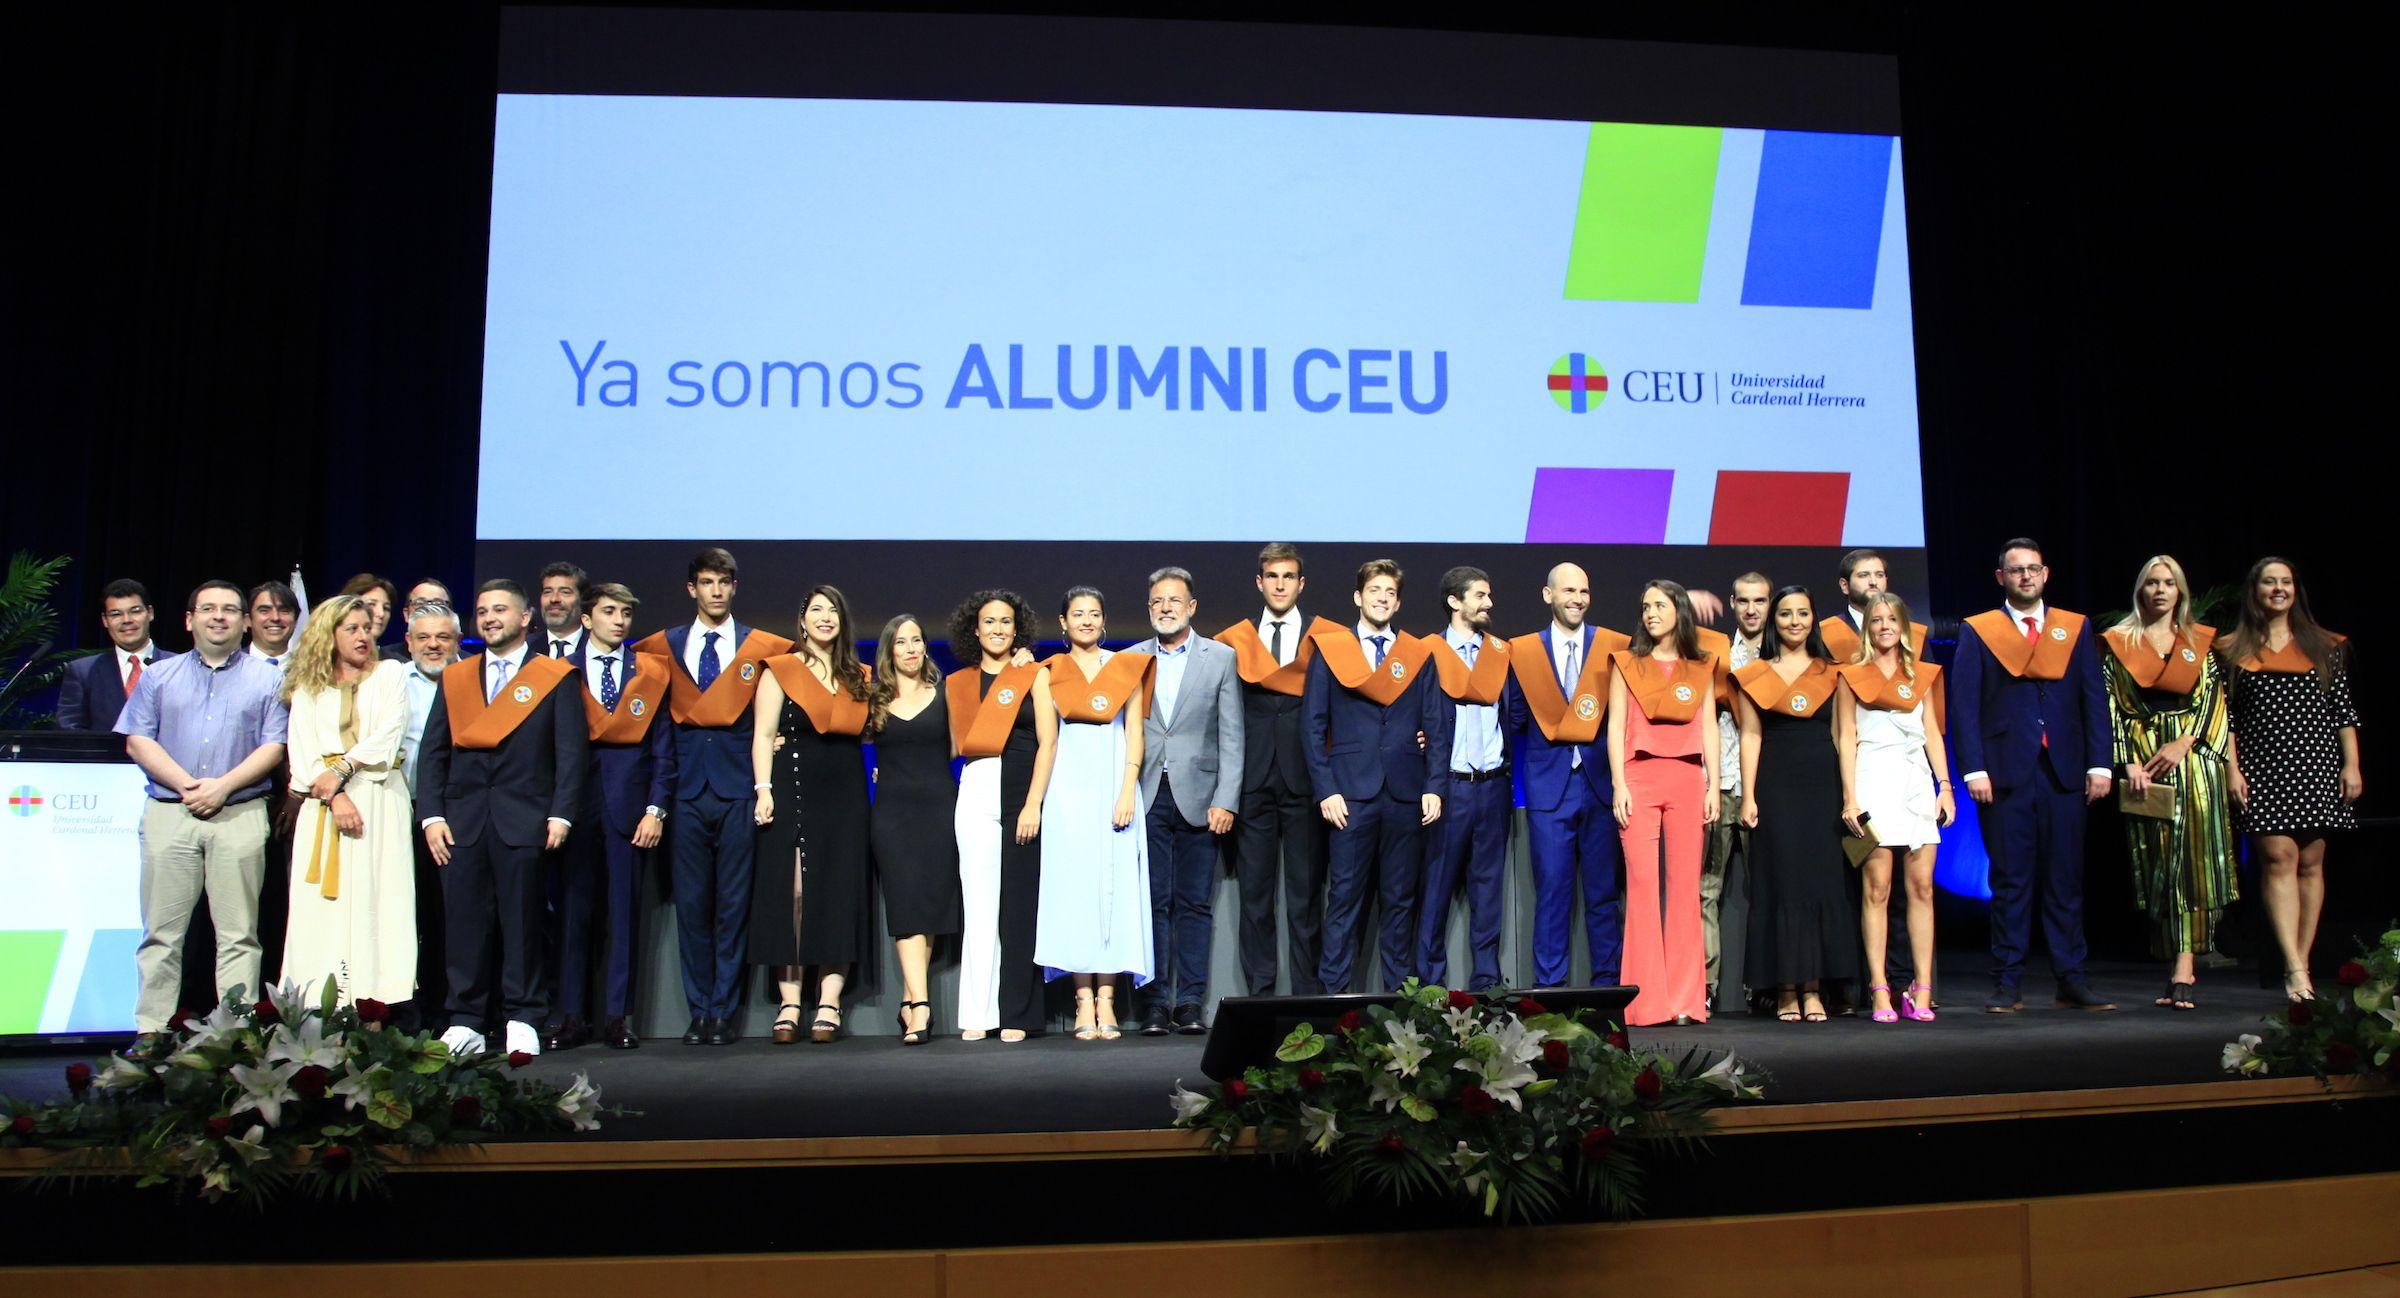 XXI promoción de Graduados en Ingeniería del Diseño Industrial y Desarrollo de Productos por la CEU UCH.